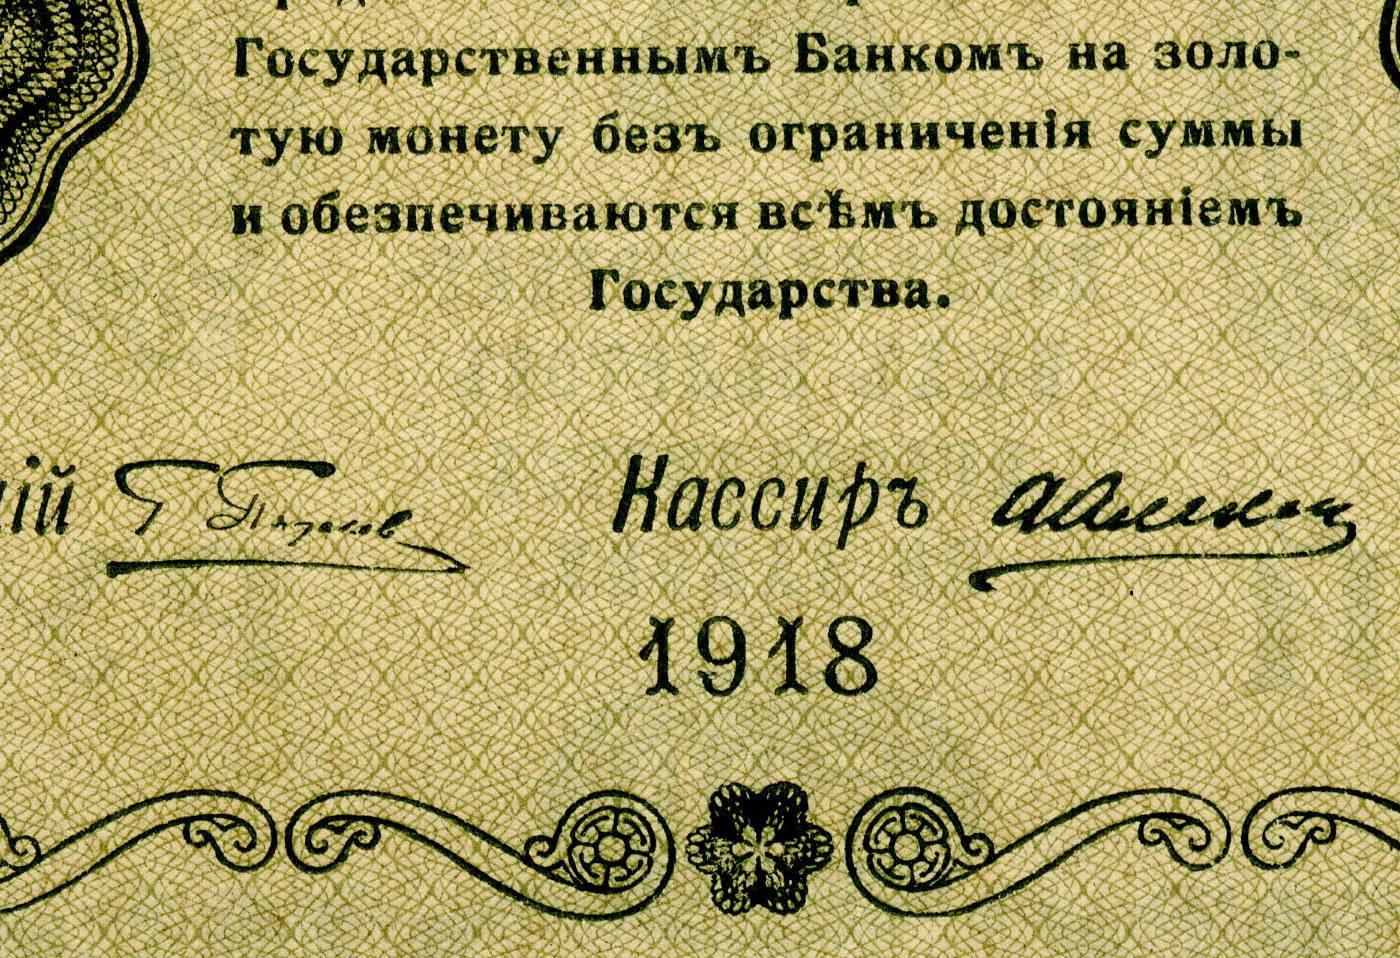 Кредитный билет 500 рублей 1918 года. Кассир Алексеев. Управляющий Пятаков (Серия АГ-609) XF-AU (брак обрезки)